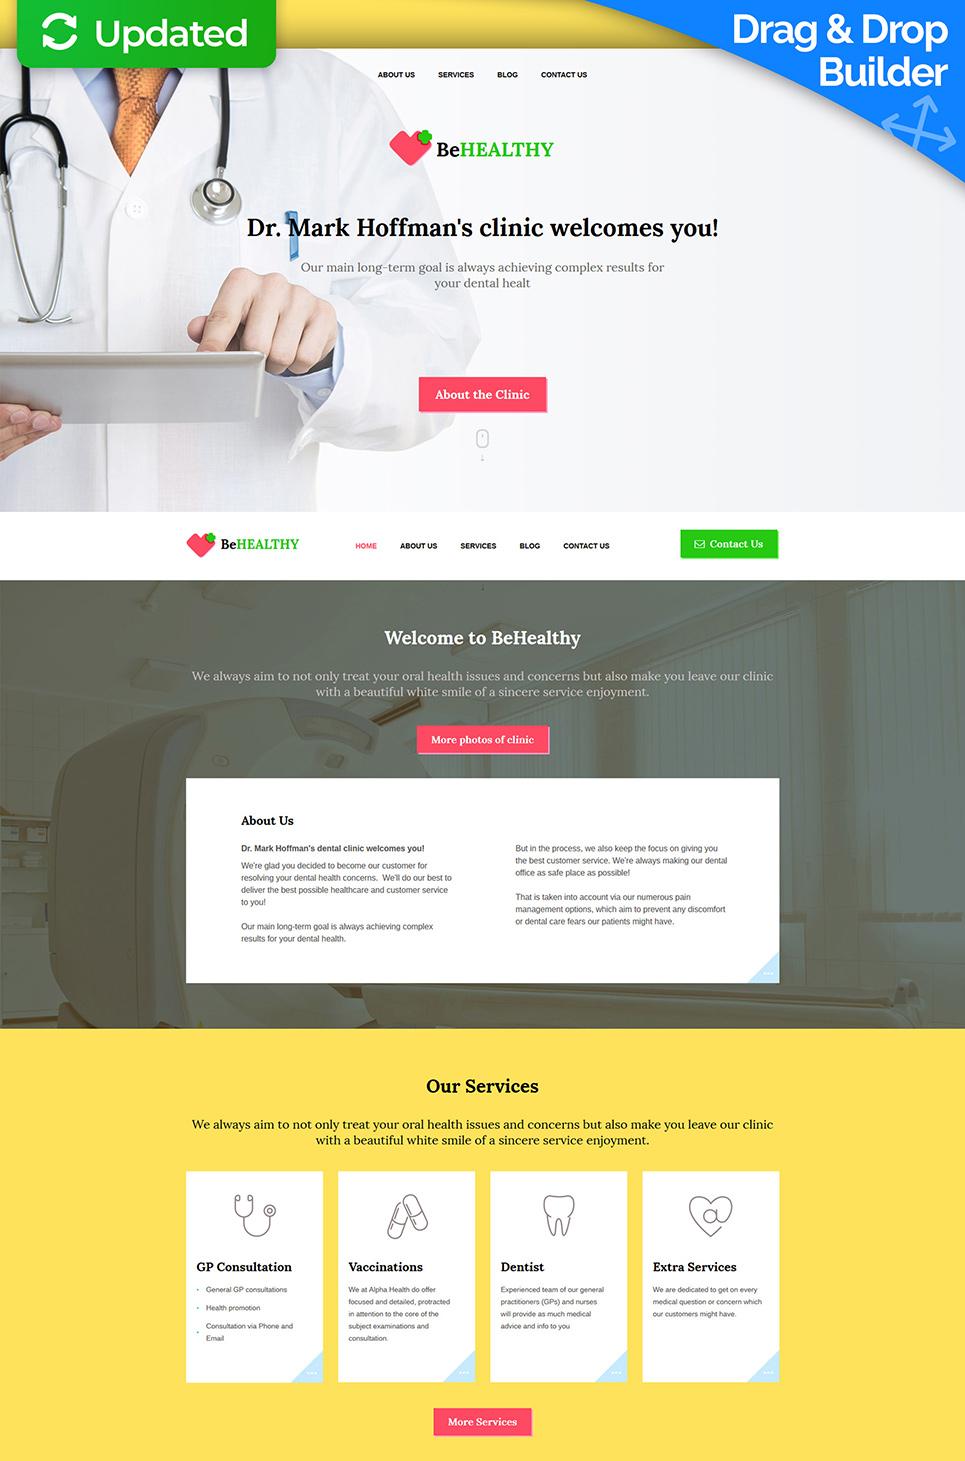 Diseño de sitio web medicinal para las clínicas privadas - image